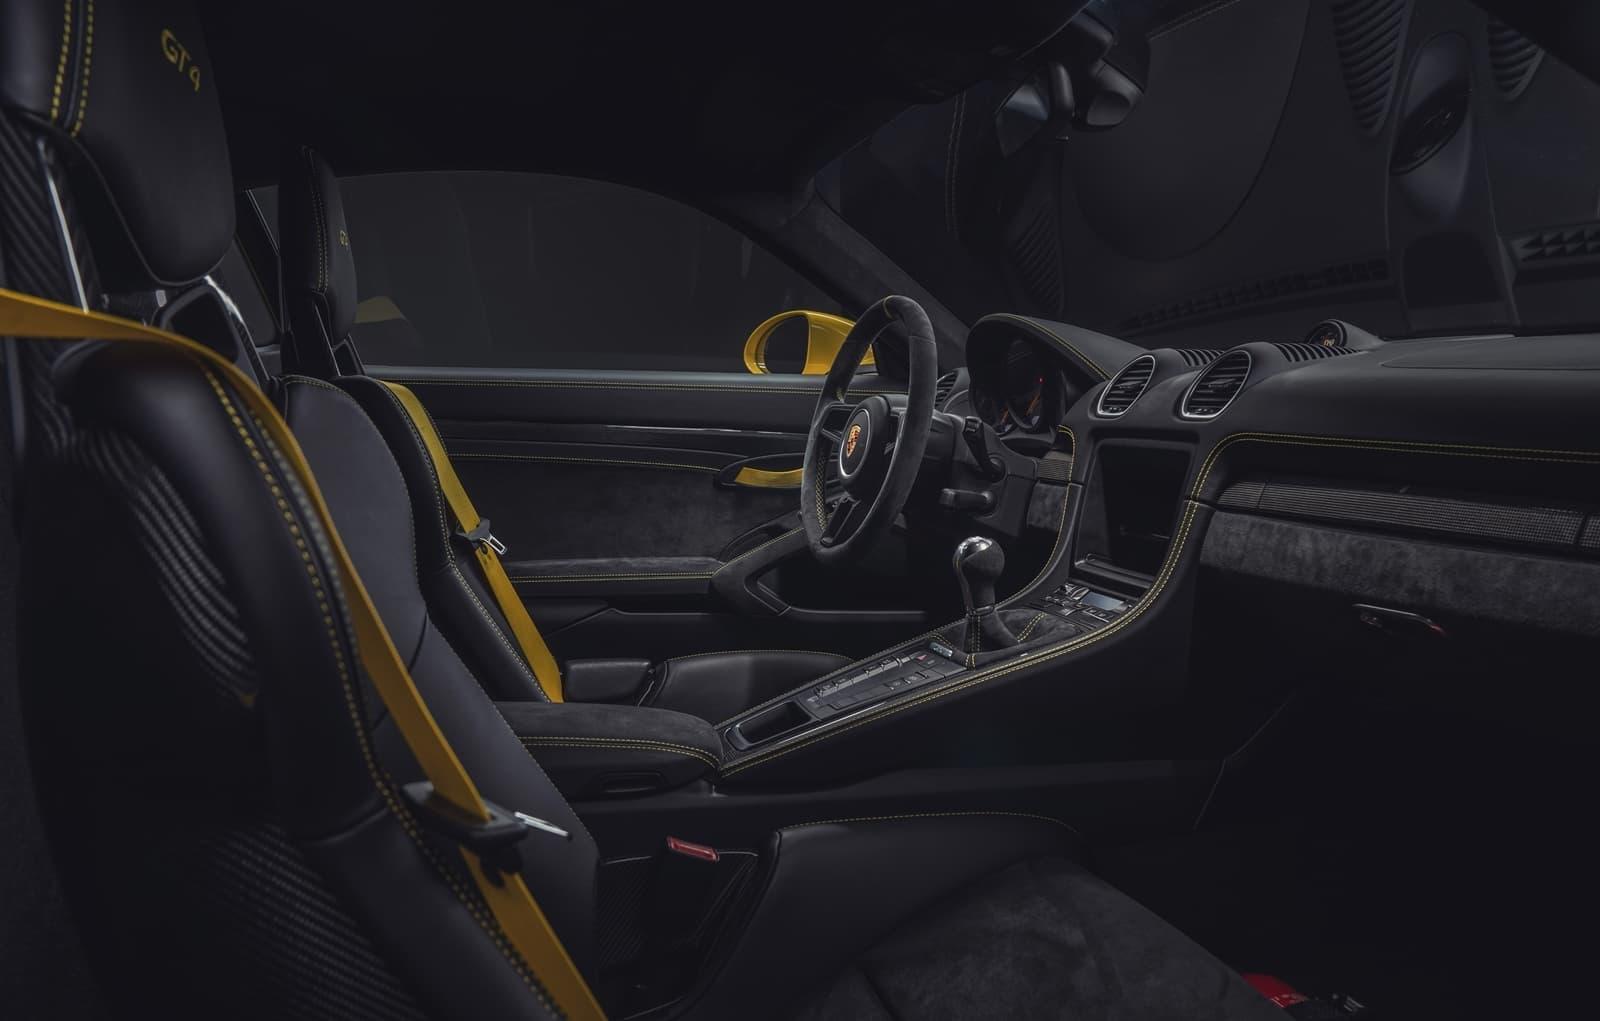 Porsche 718 Cayman Gt4 2019 0619 015